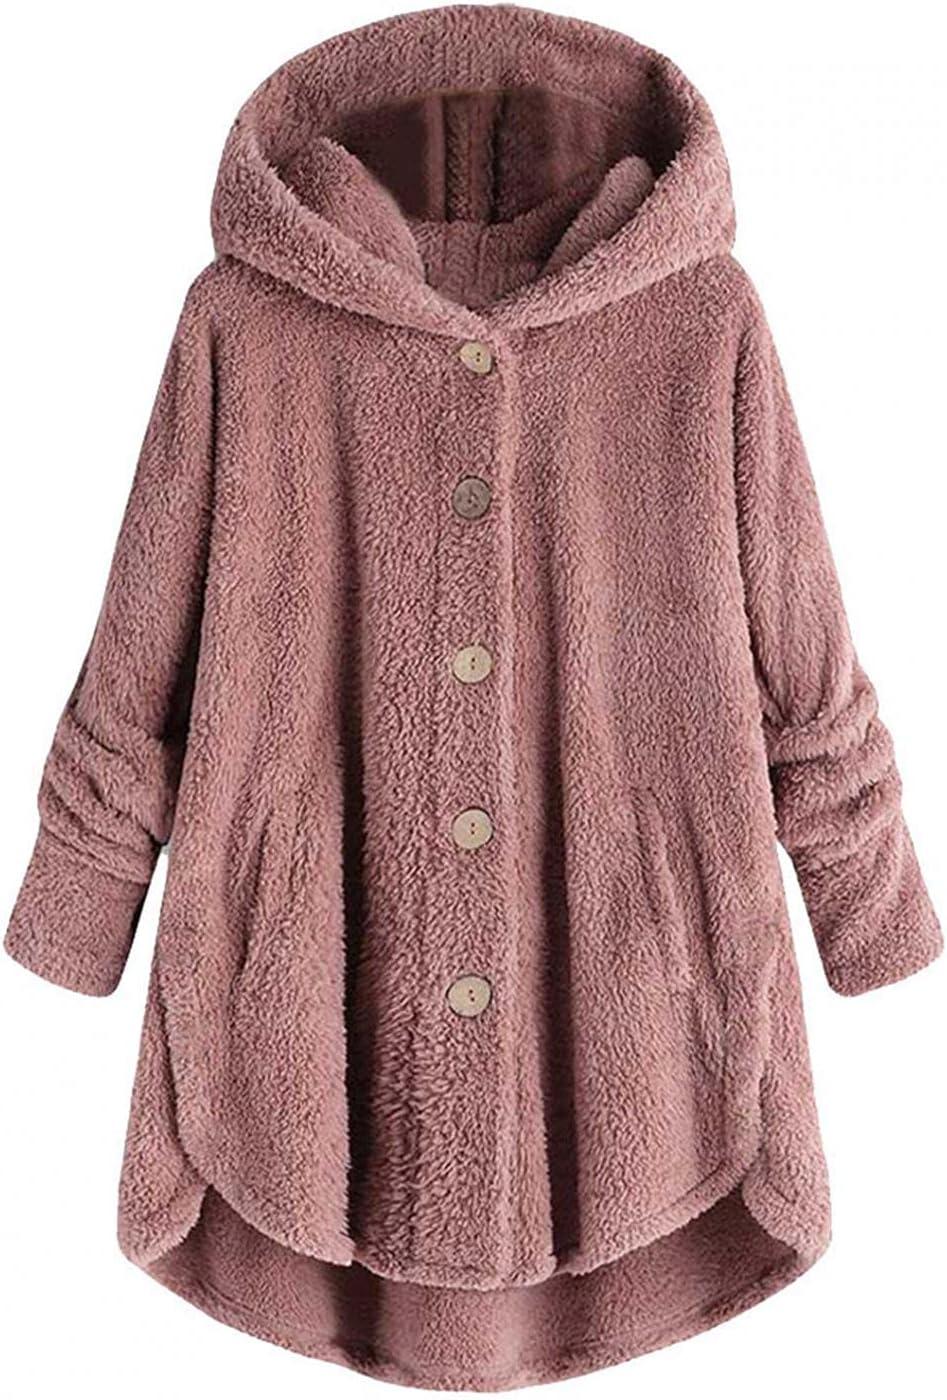 Fleece Jacket Women Pullover Sherpa Fleece Jacket Hoodies Button Faux Fuzzy Long Sleeve Fluffy Fleece Sweatshirt Coat